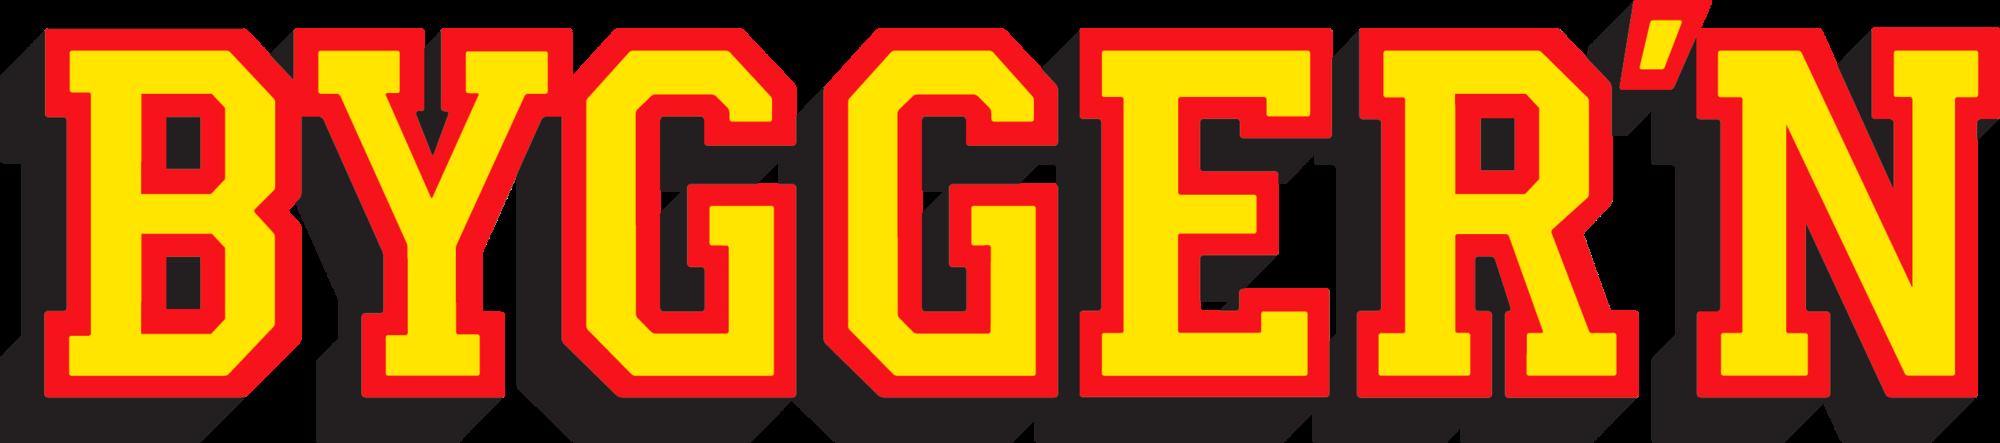 Bygger`n